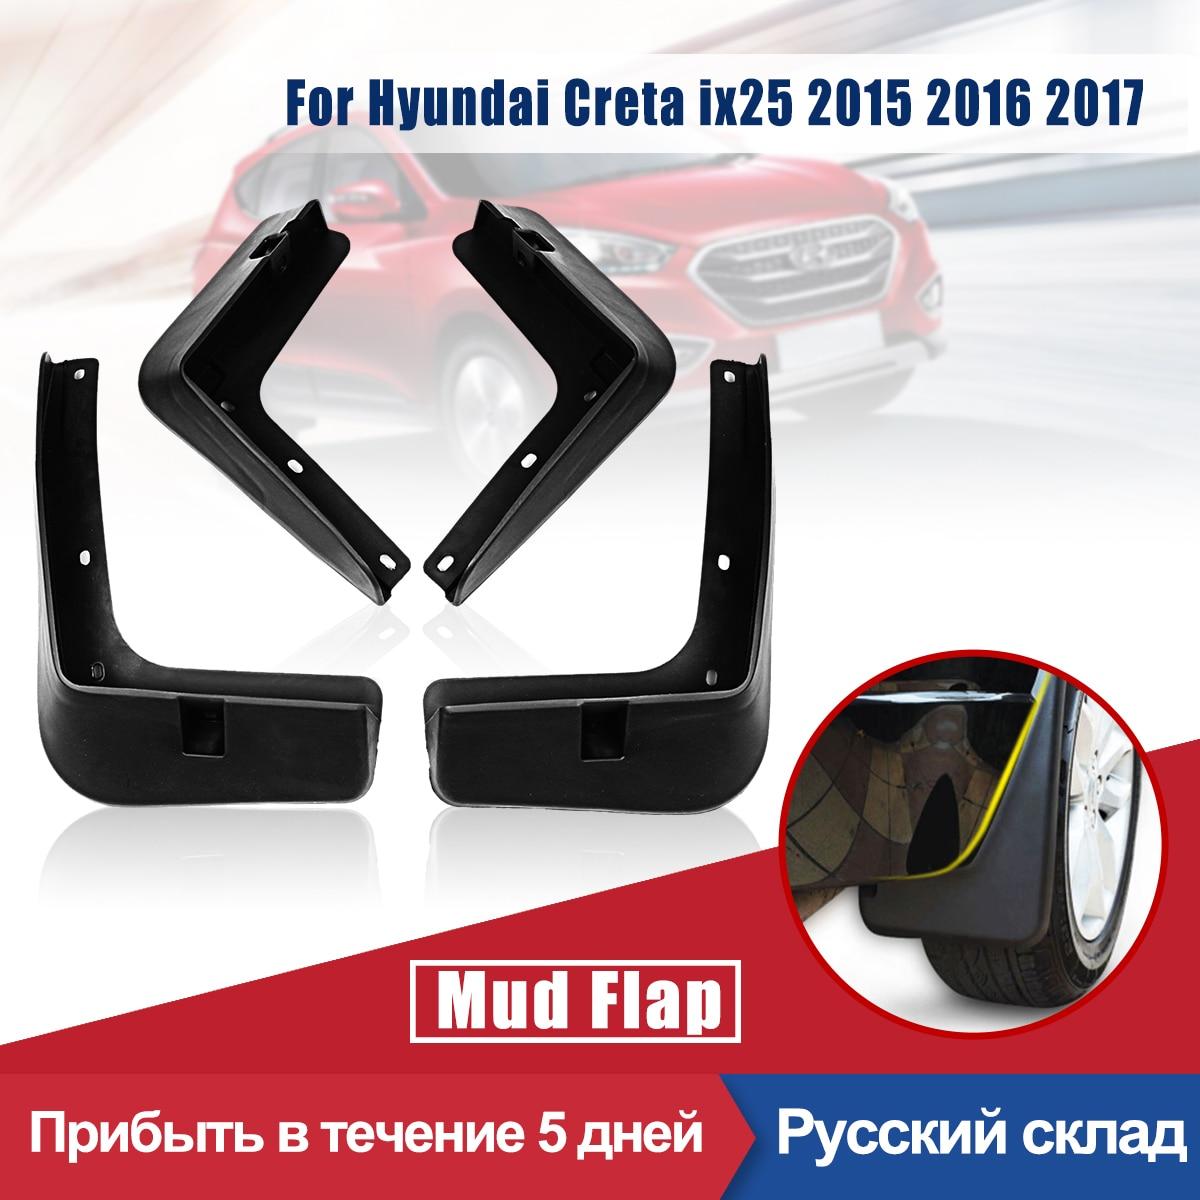 4 Pcs Anteriore della Parte Posteriore Dell'automobile Parafanghi Paraspruzzi Parafanghi Paraspruzzi Per Hyundai Creta ix25 2015 2016 2017 2018